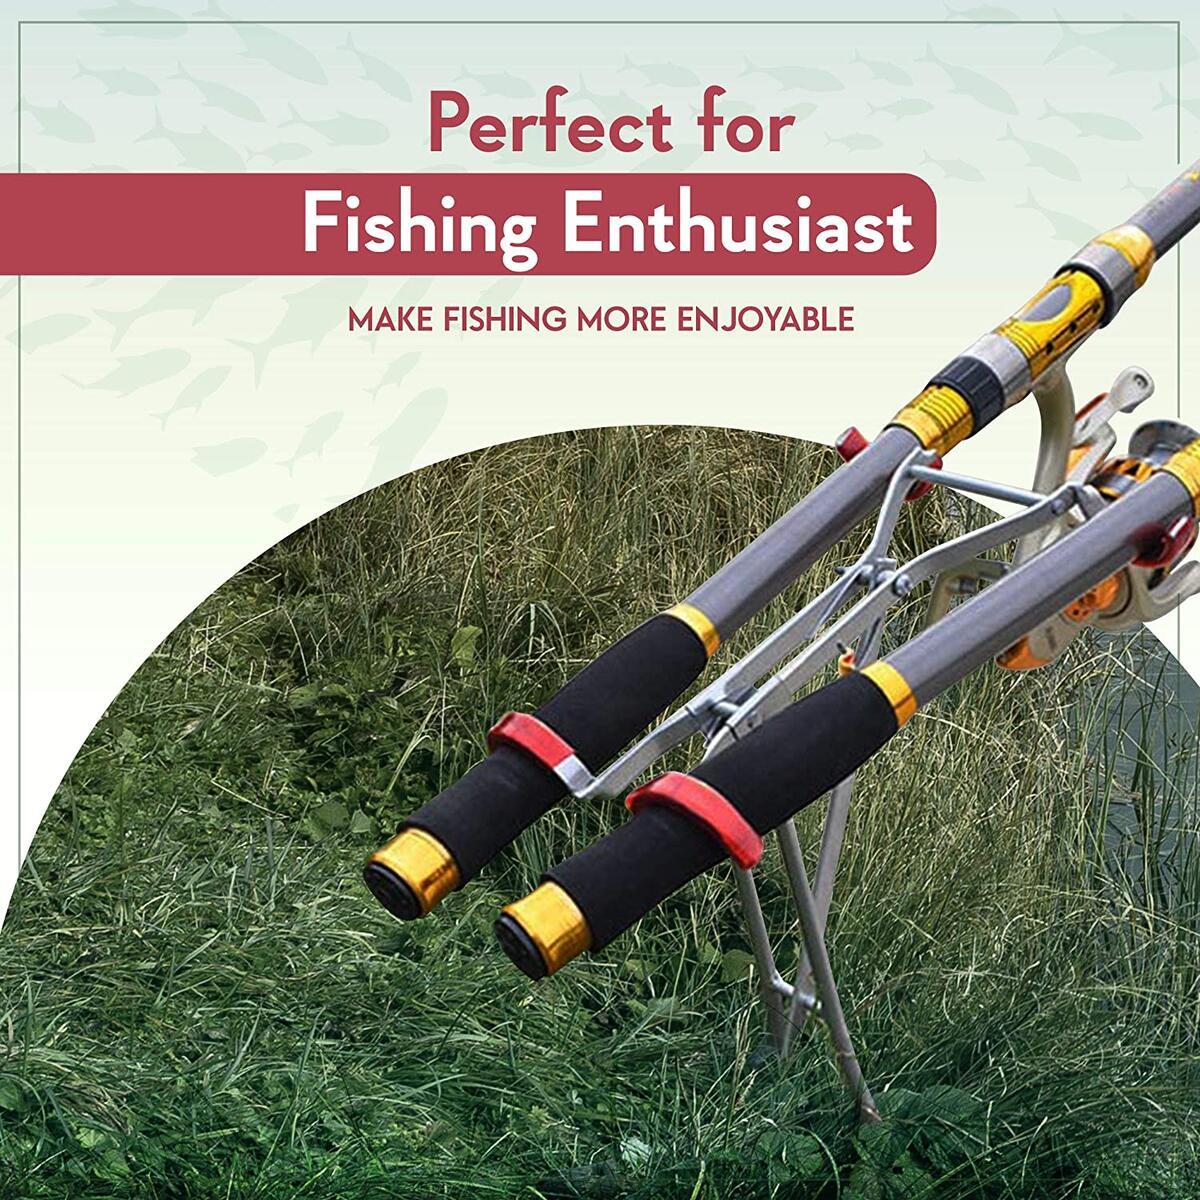 EcoFish Tackle Fishing Pole Holder